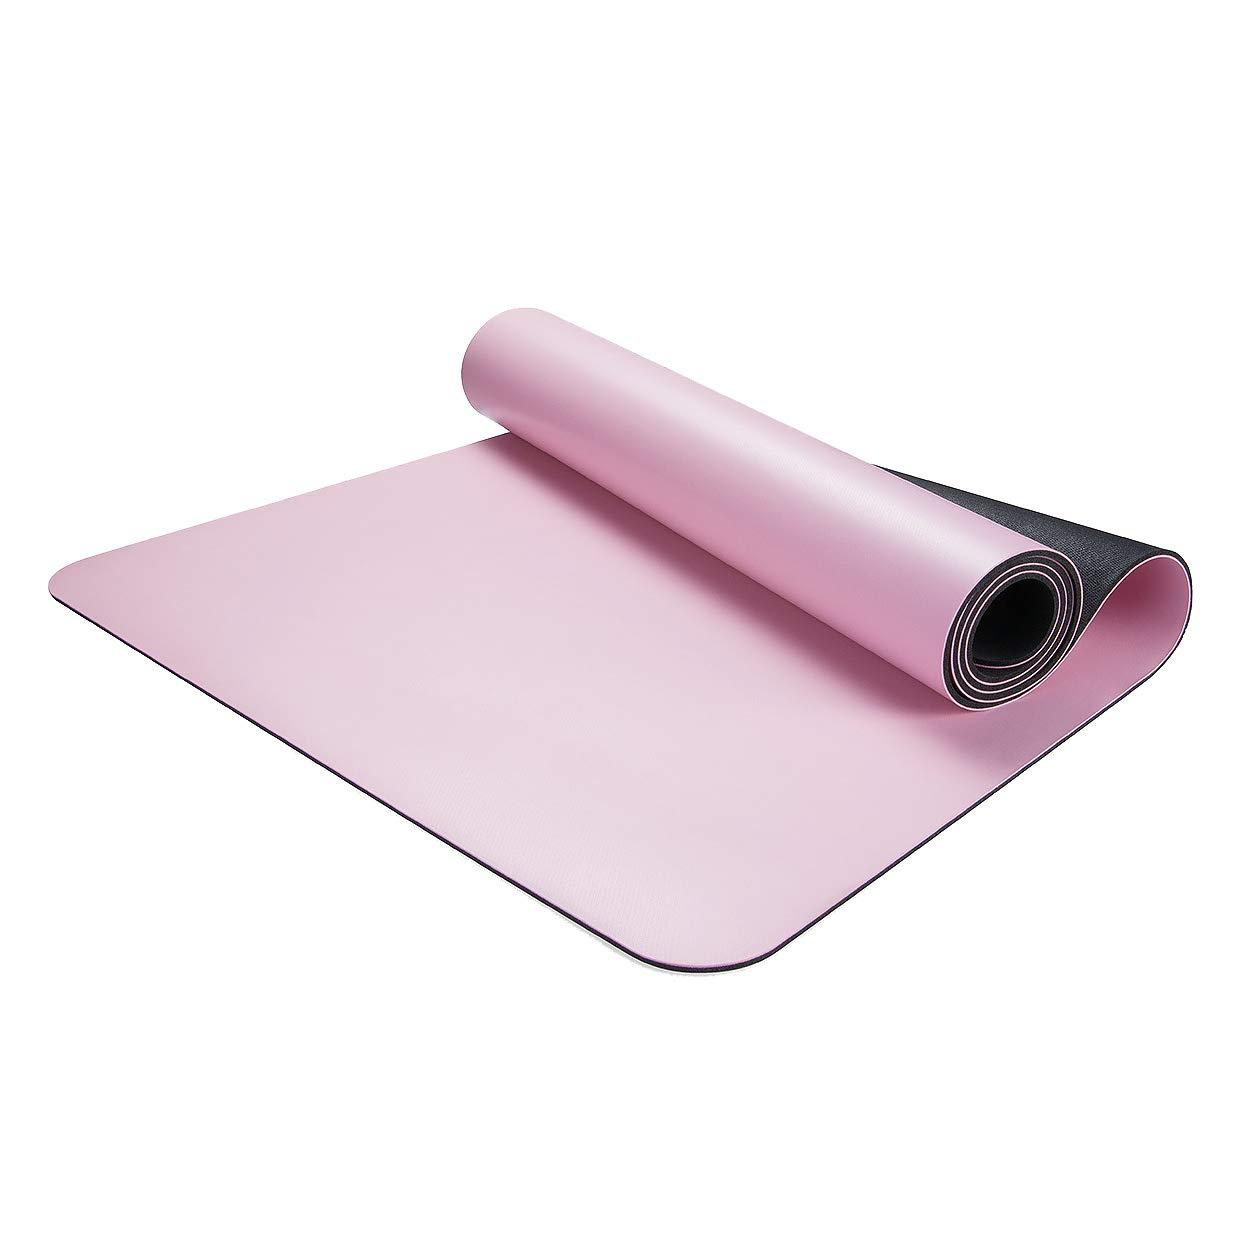 ZhHaoXin Motion Esterilla De Yoga Fabricado En Caucho ...